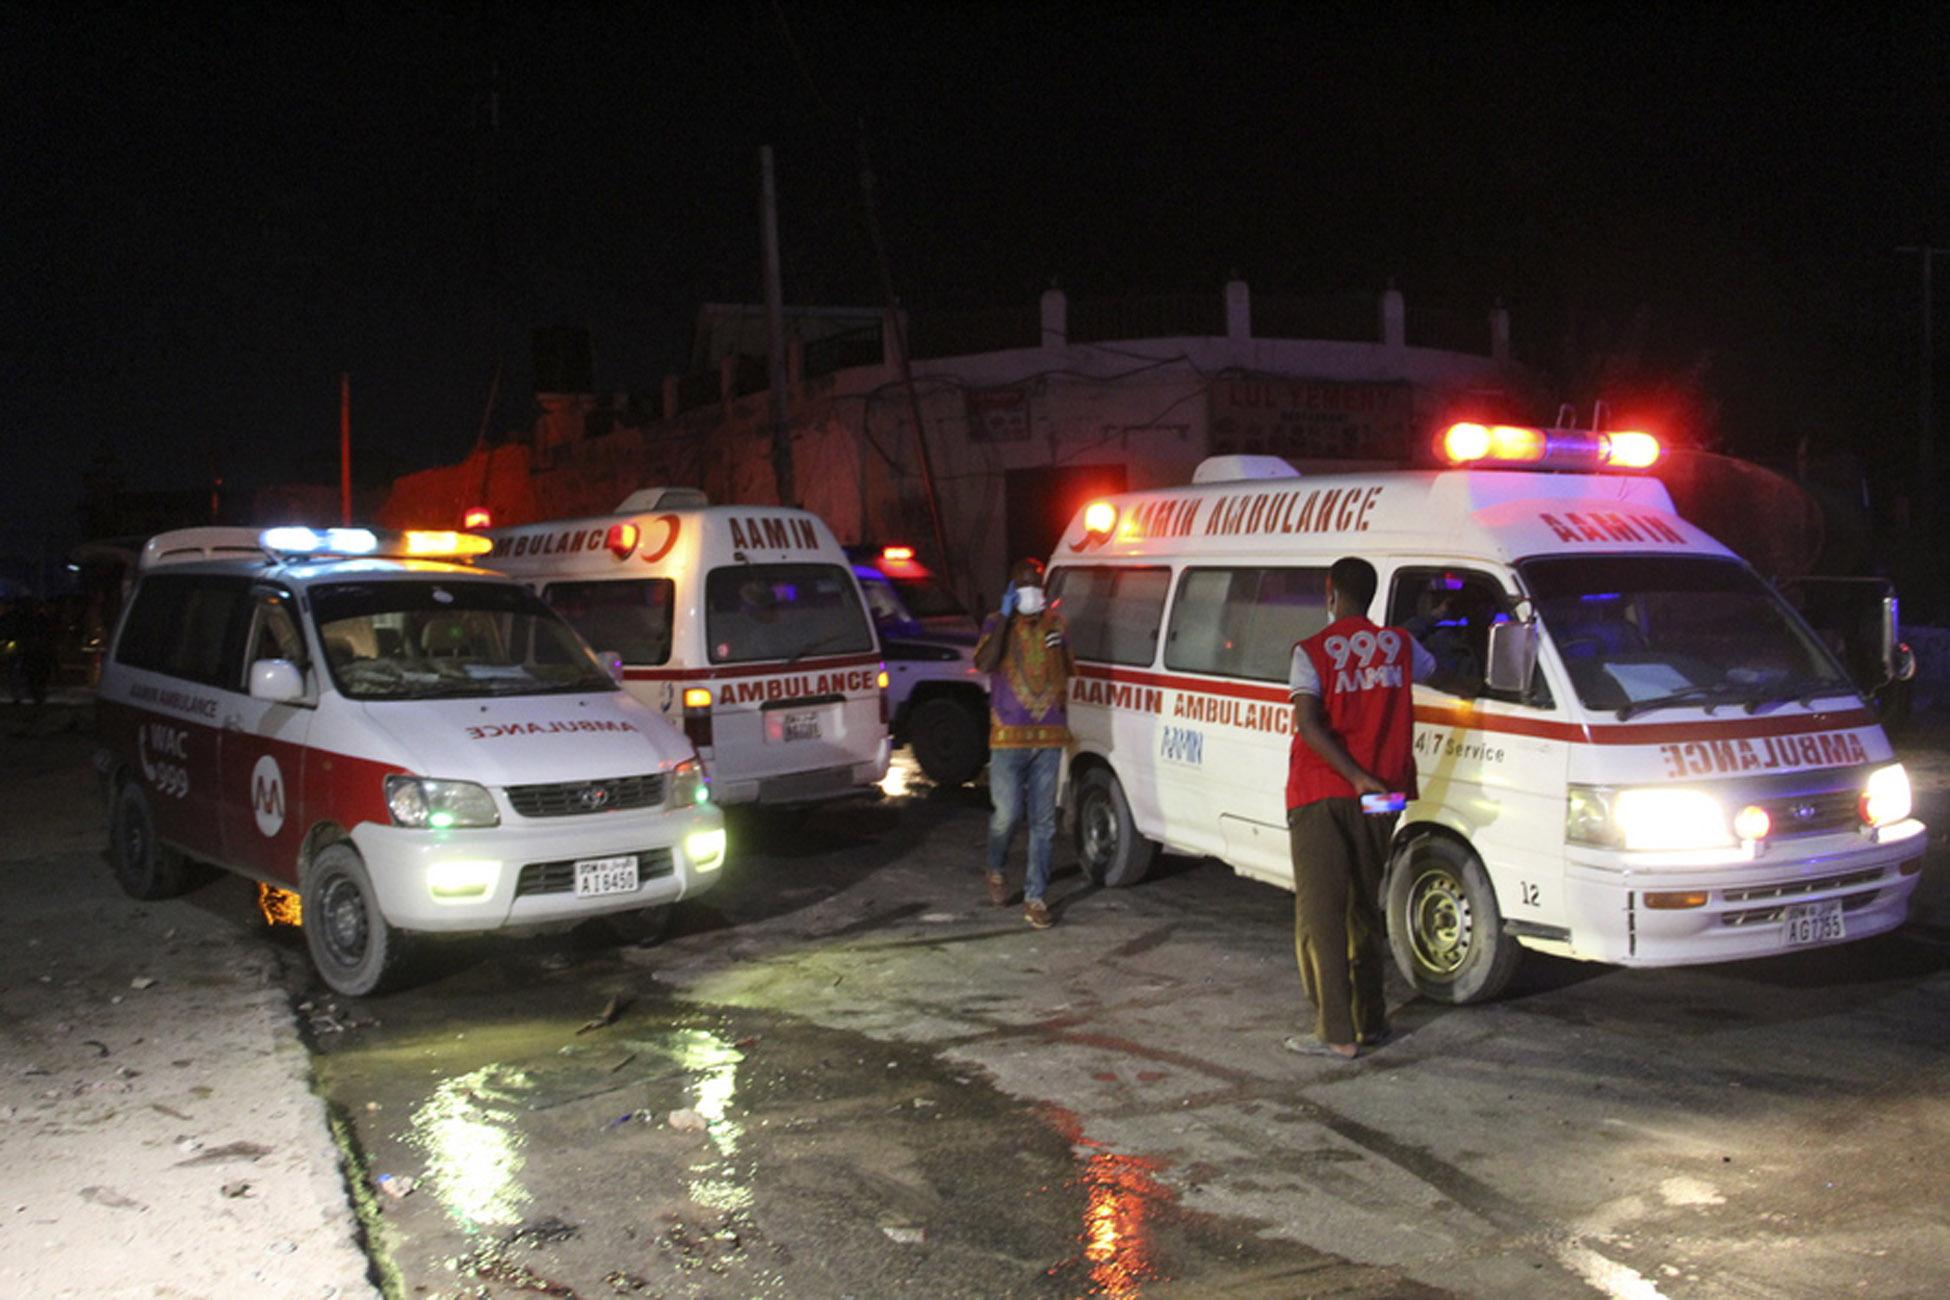 Σομαλία: 16 νεκροί μετά από έκρηξη σε λεωφορείο